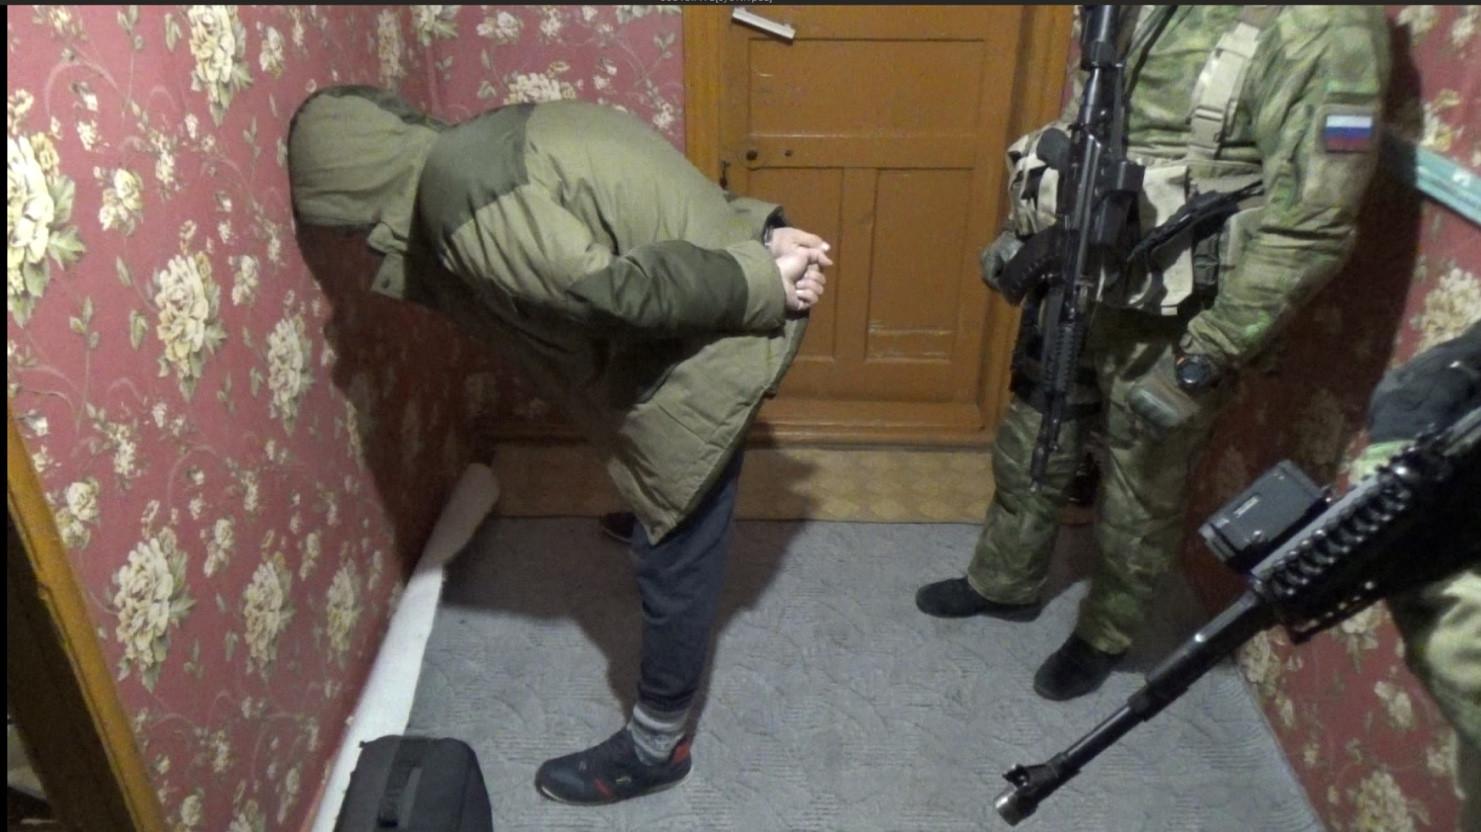 Суд приговорил к 8,5 года колонии готовившего теракты в Ахтубинске сторонника ИГИЛ